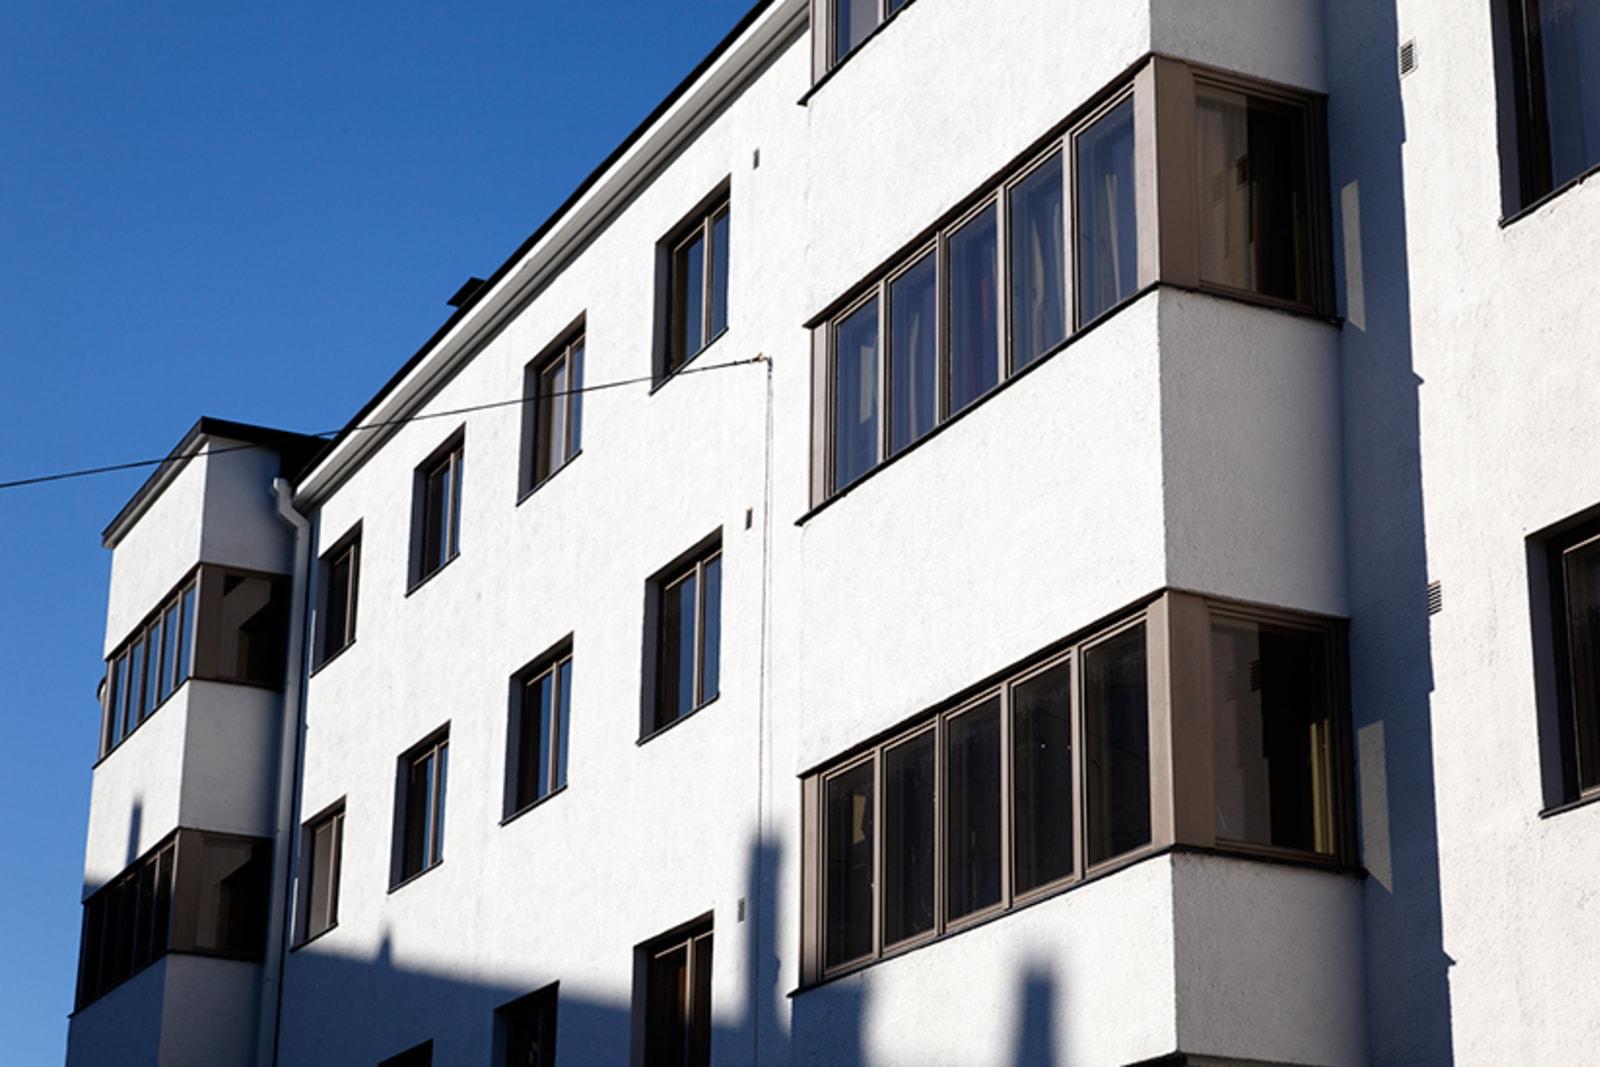 Helsinki, Munkkiniemi, Laajalahdentie 26